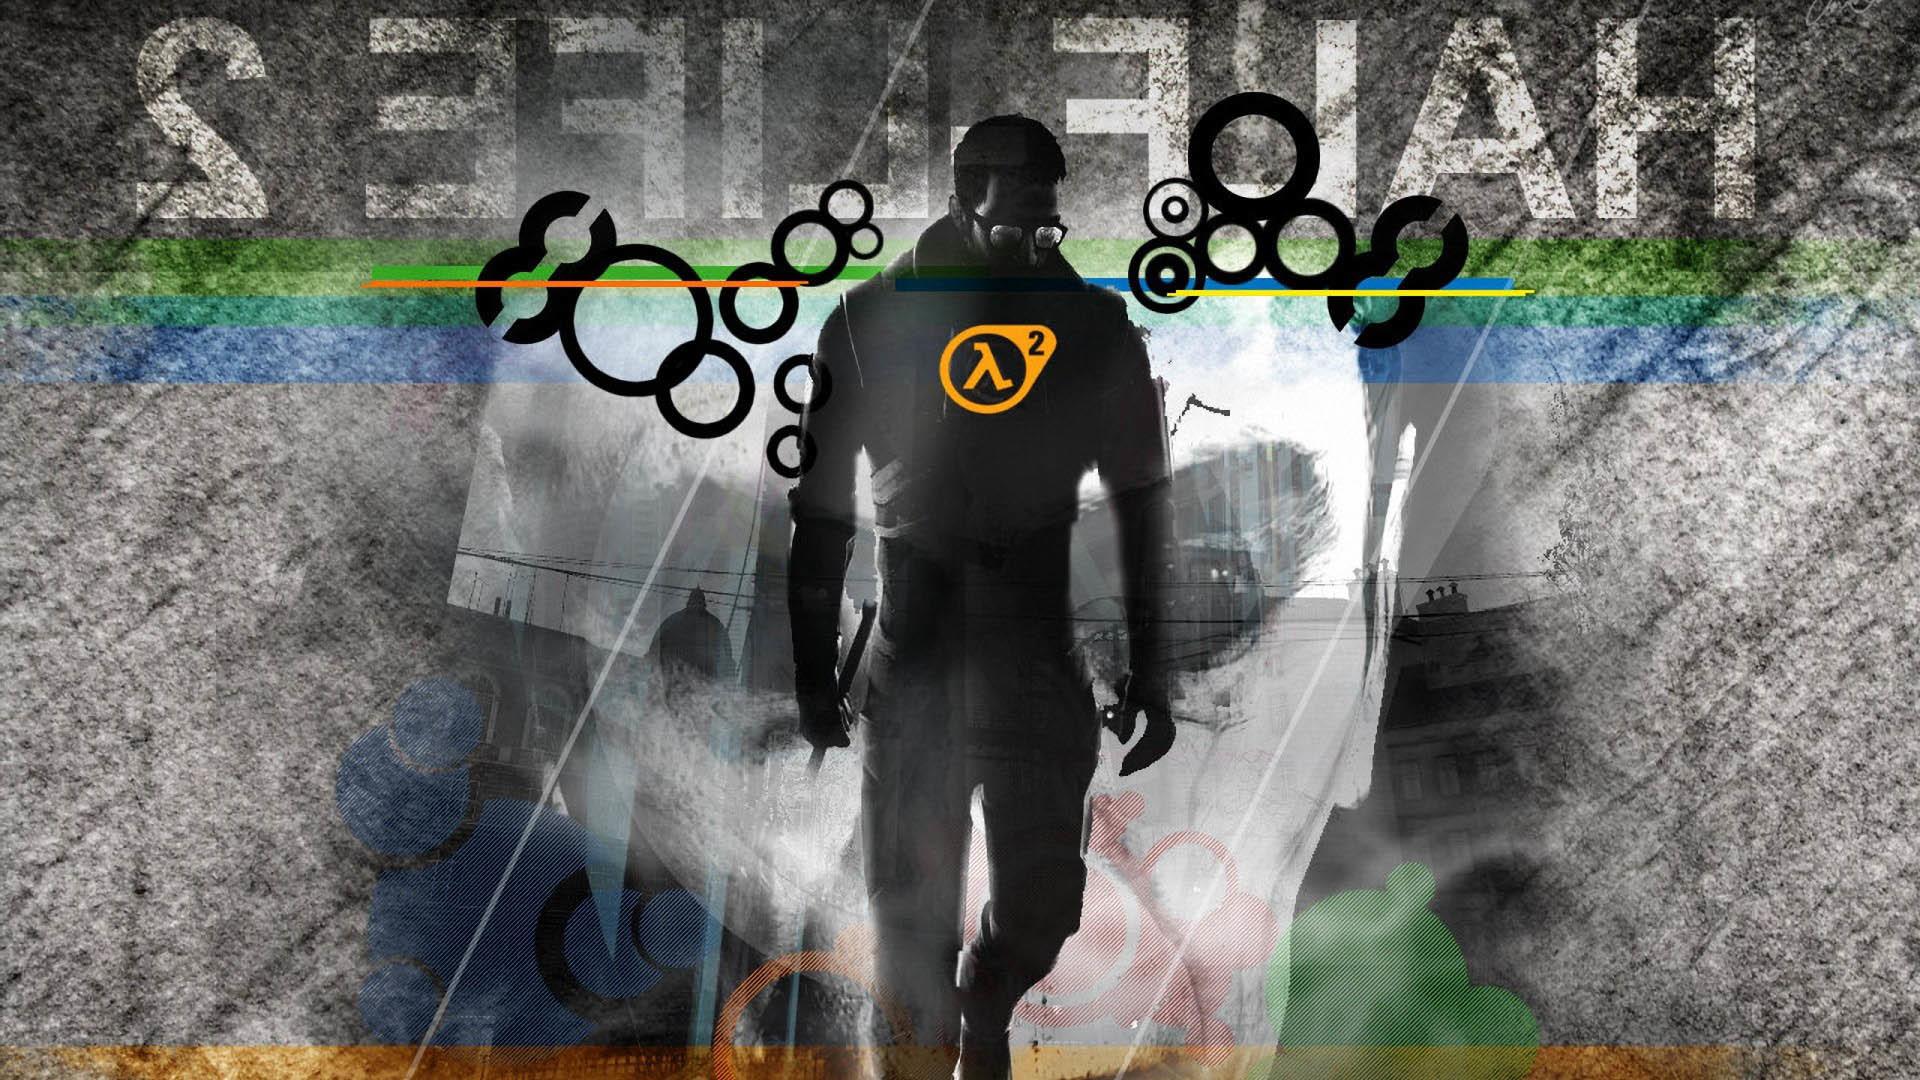 Half Life 2 Wallpapers   feelgrafix.com   Pinterest   Funny wallpapers and  Wallpaper